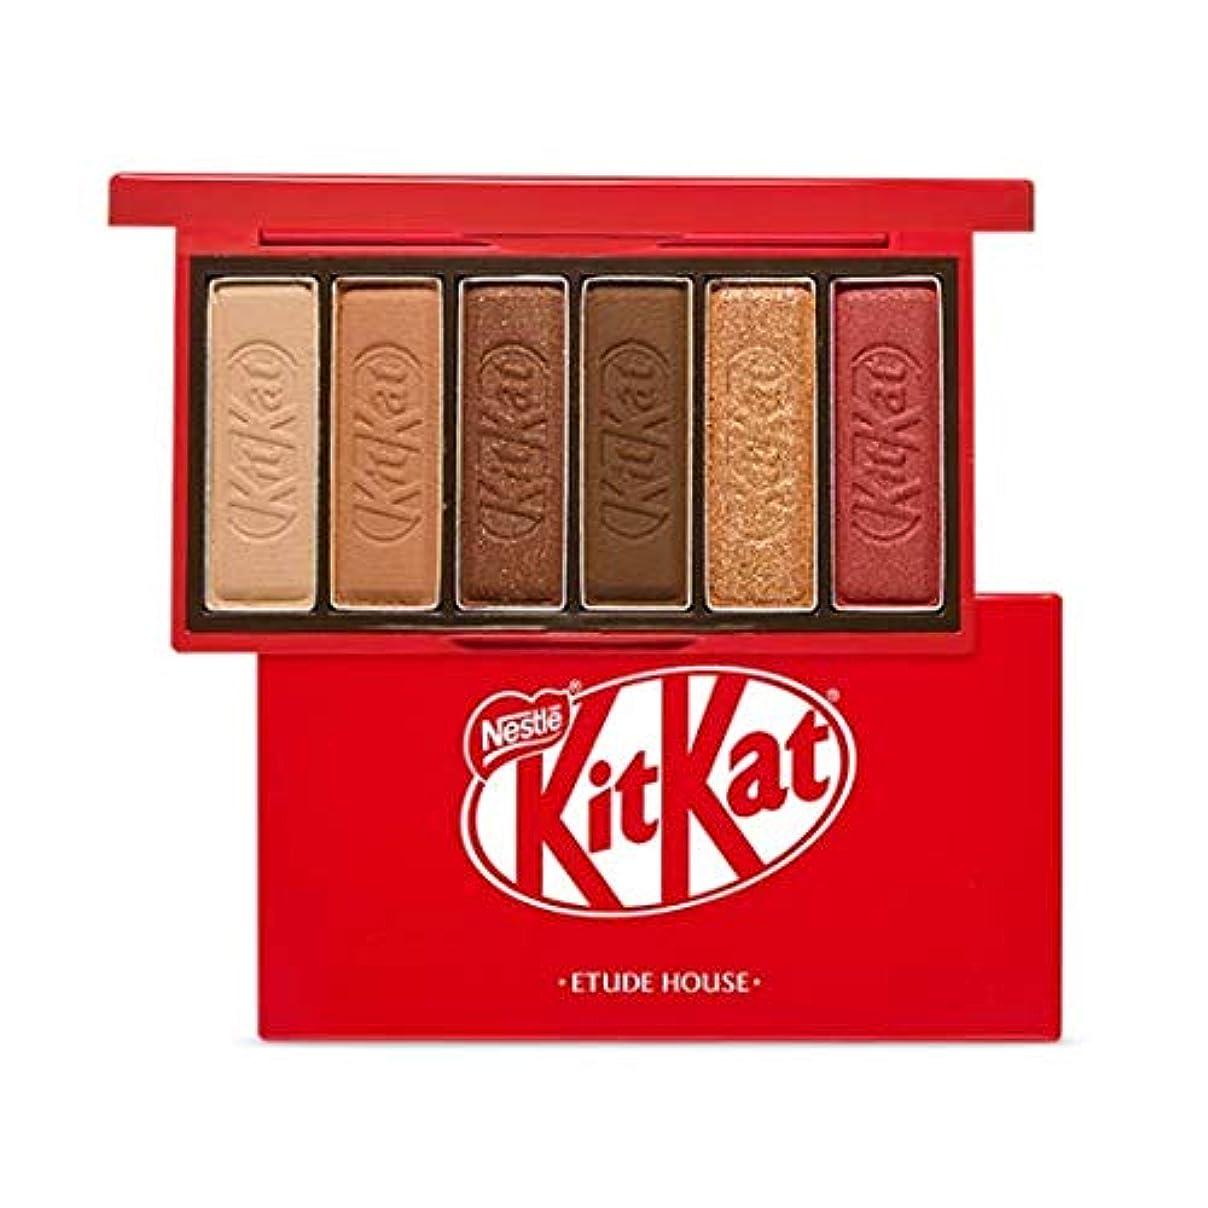 叙情的な確保する予定エチュードハウス キットカット プレイカラー アイズ ミニ 1*6g / ETUDE HOUSE KitKat Play Color Eyes Mini #1 KitKat Original [並行輸入品]